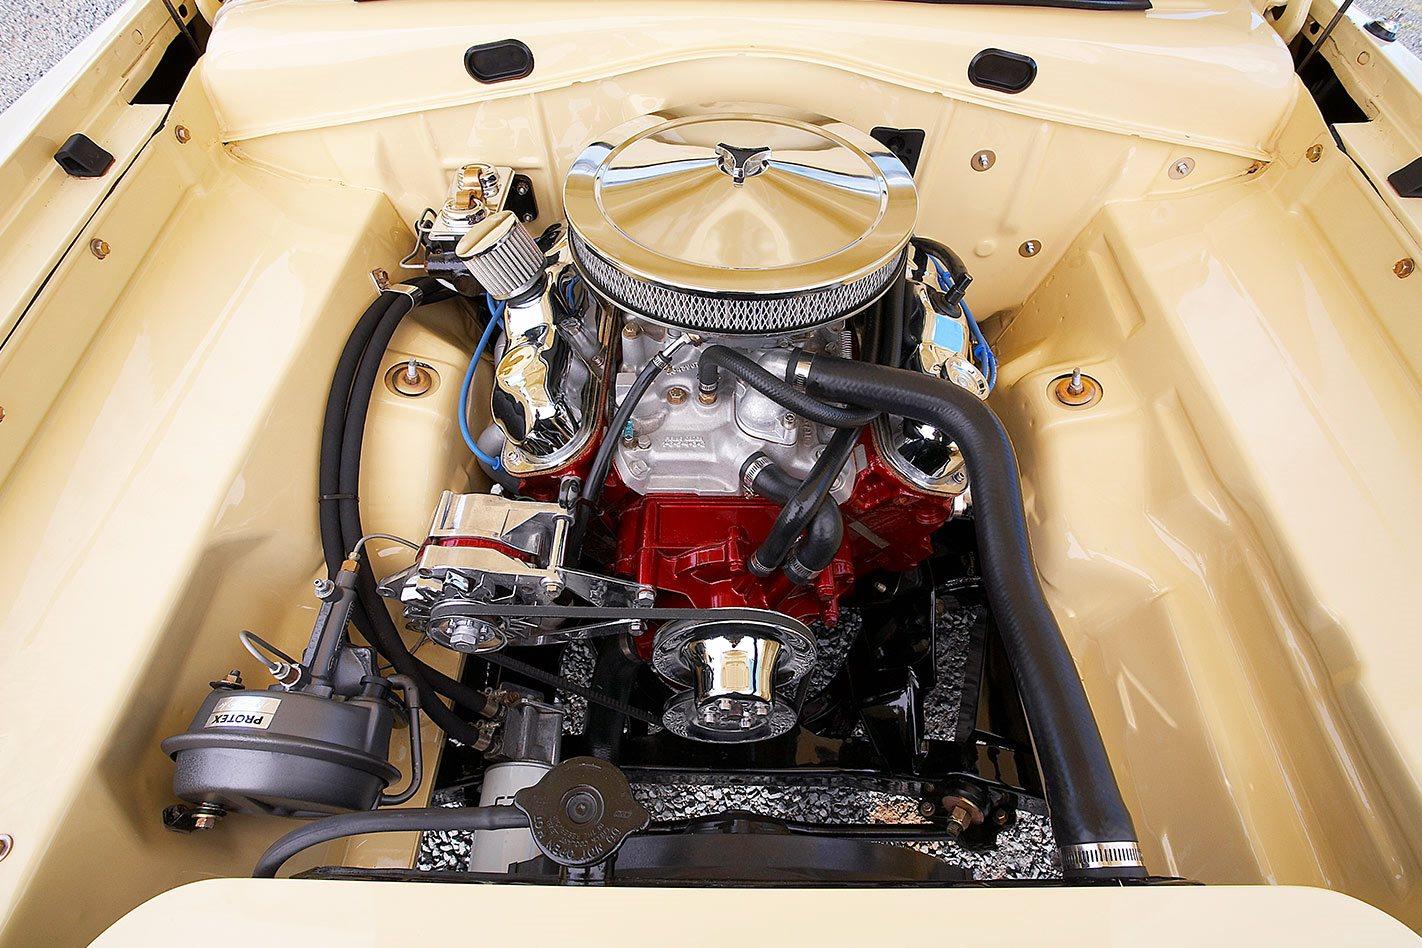 DODGE V6-POWERED TWO-DOOR 1966 CHRYSLER VC VALIANT